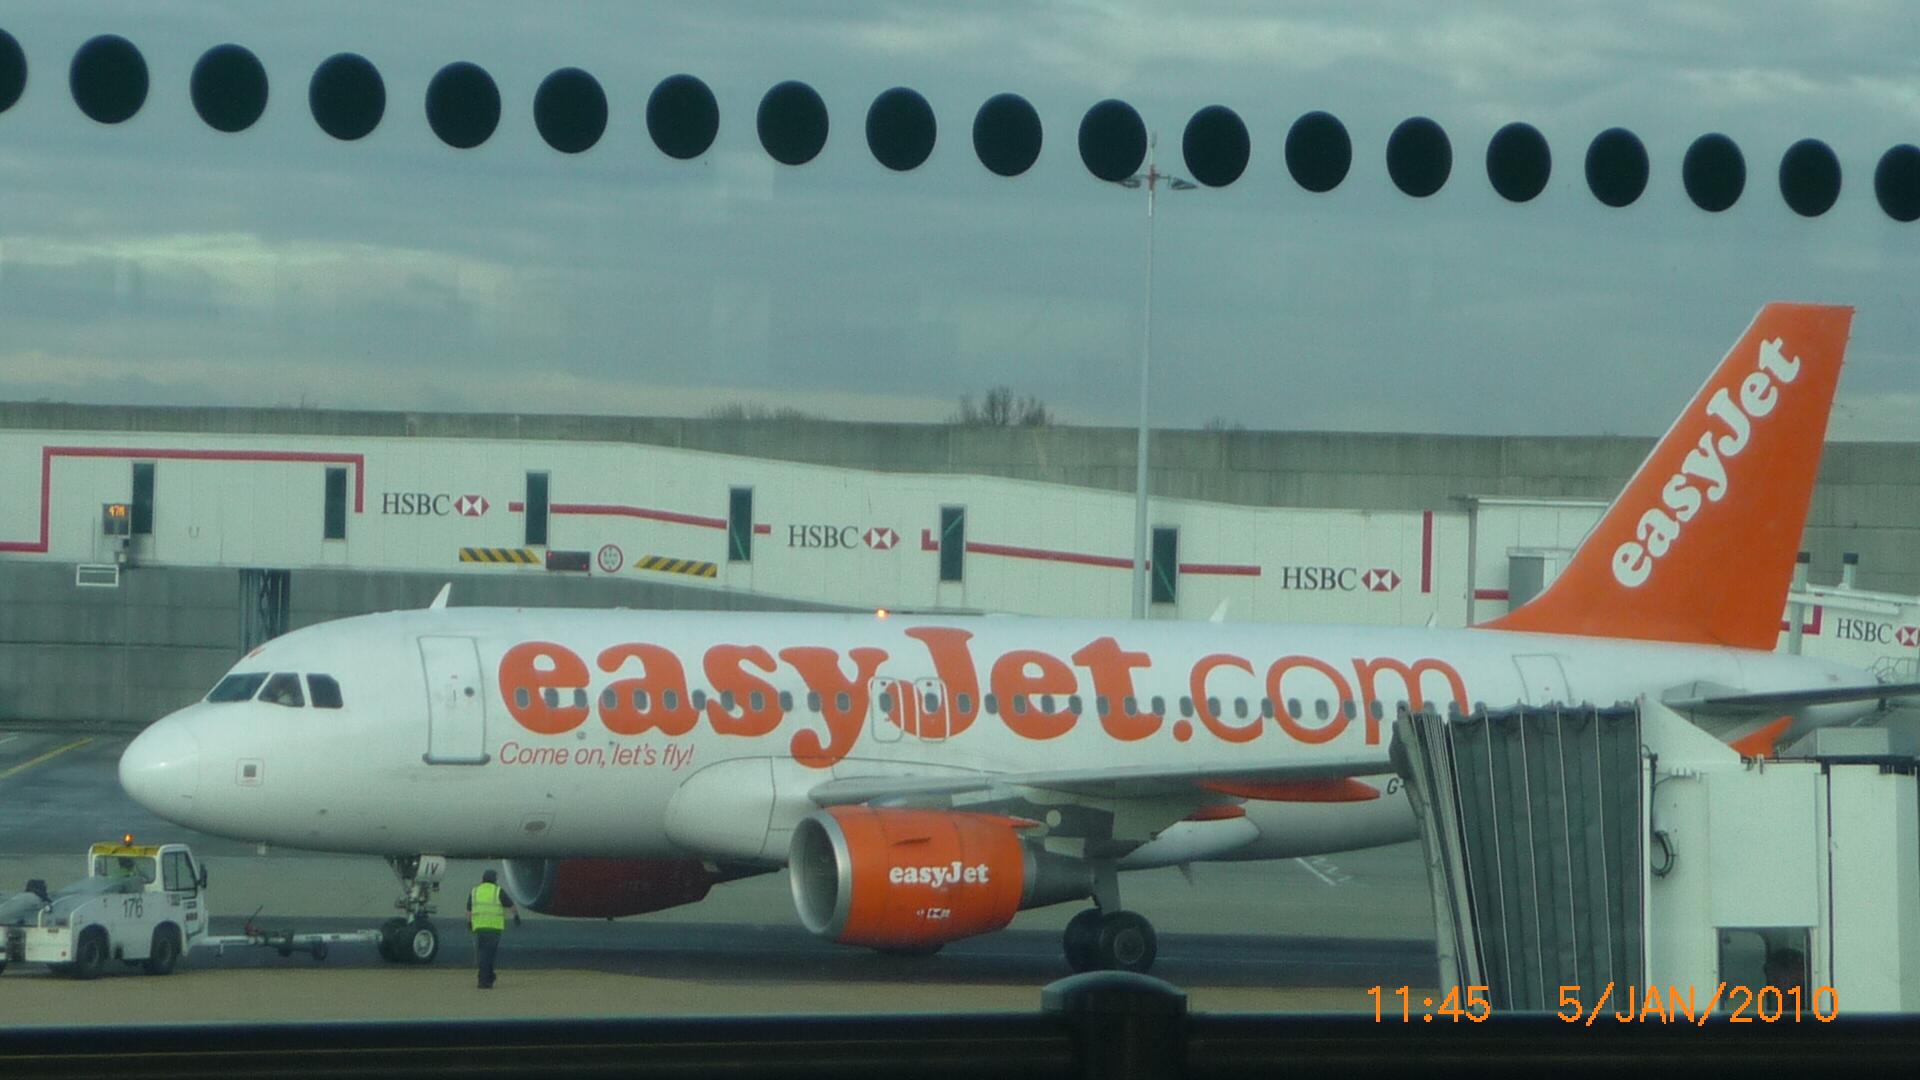 Gatwick London Airport Hotels